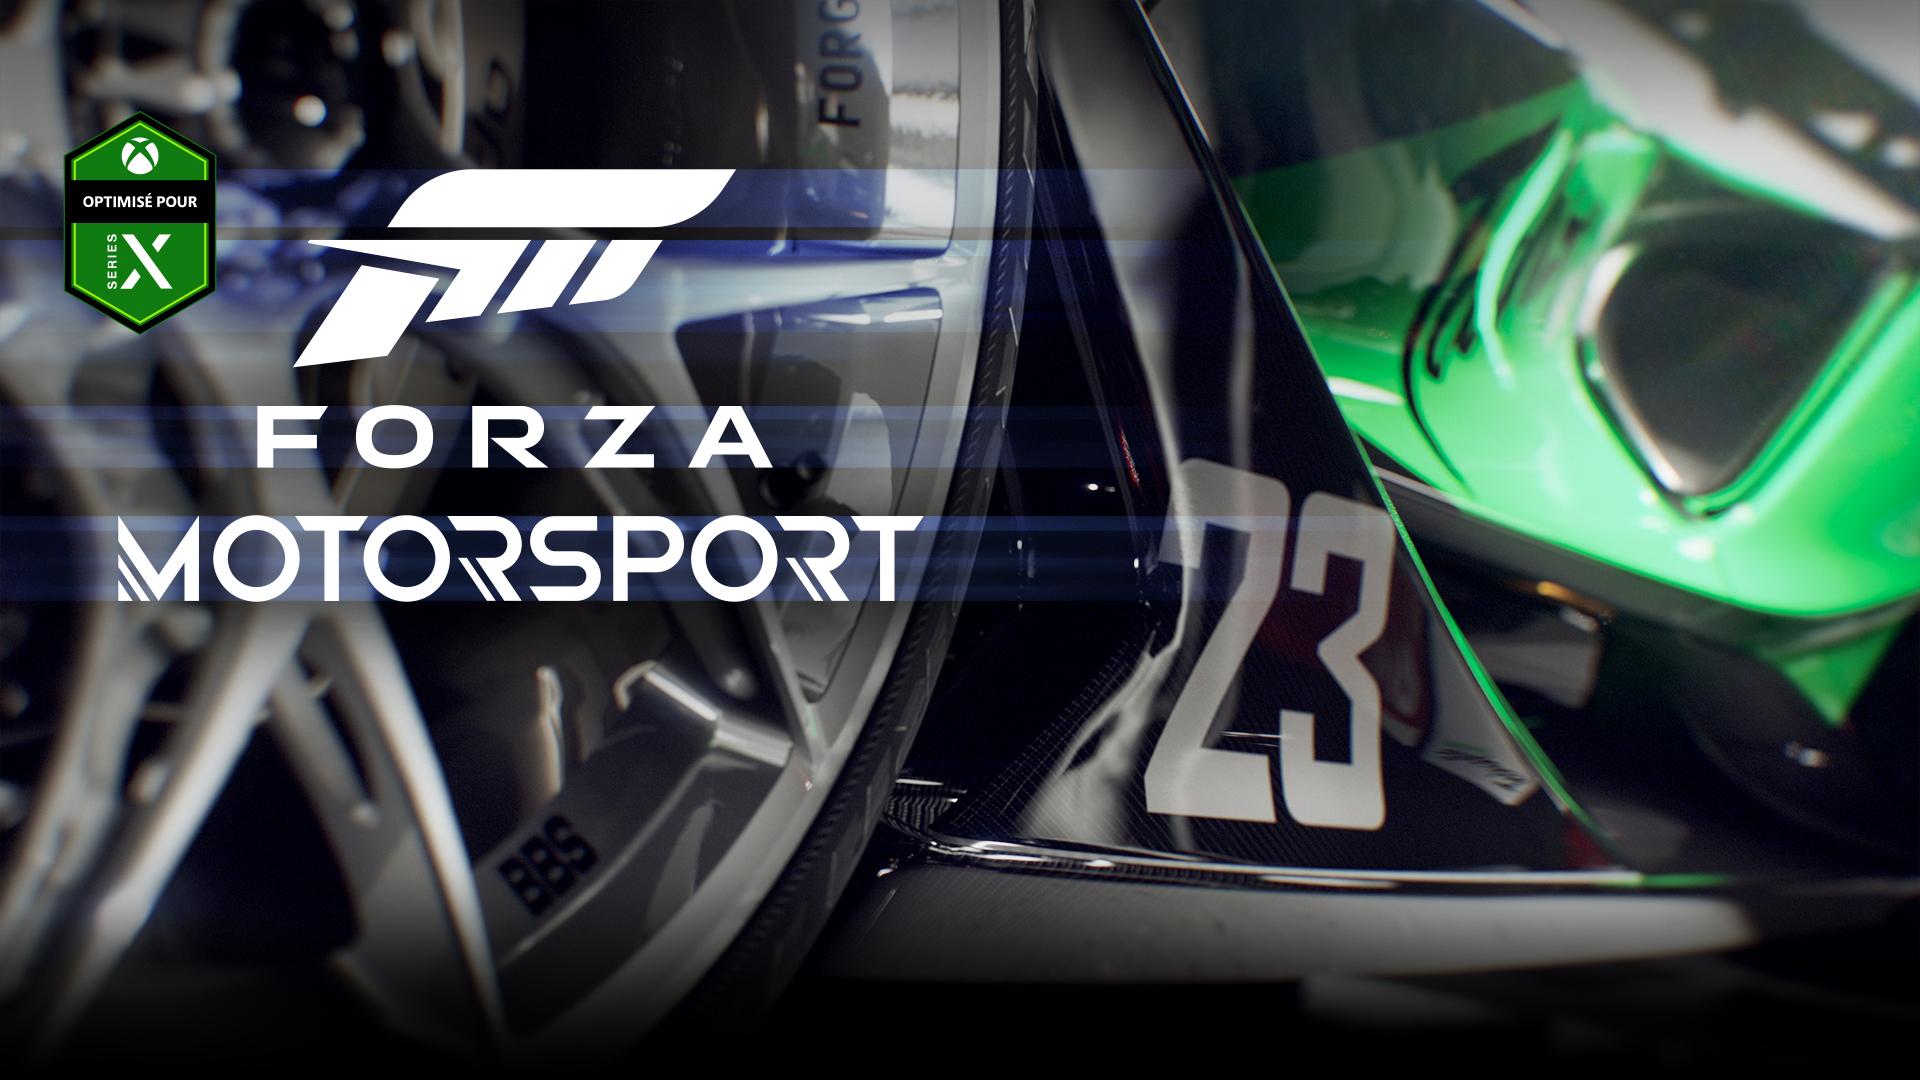 Optimisé pour Xbox Series X, Forza Motorsport, gros plan sur une roue